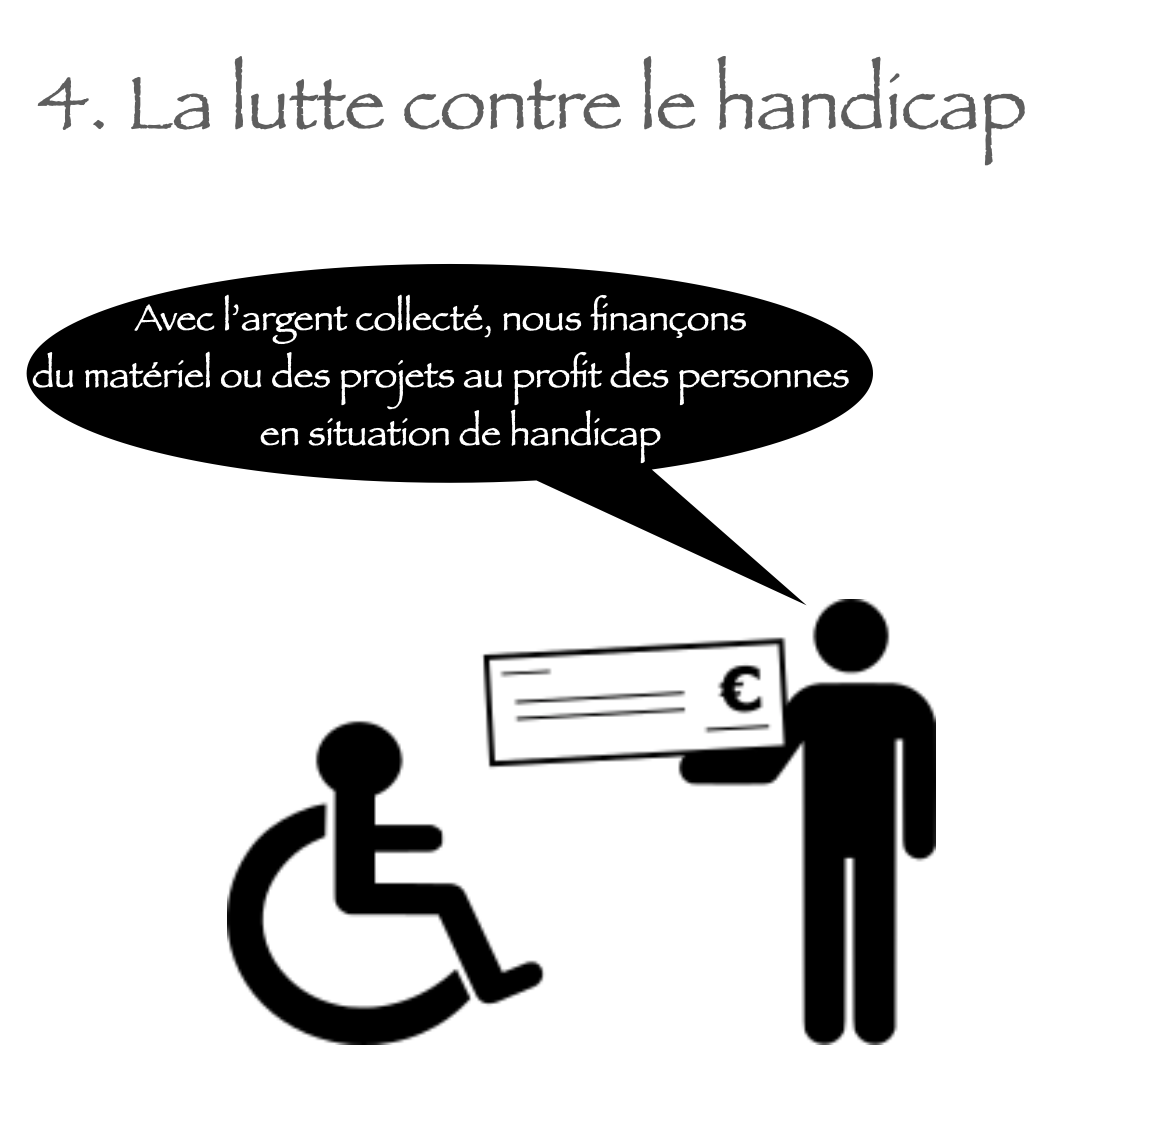 La lutte contre le handicap